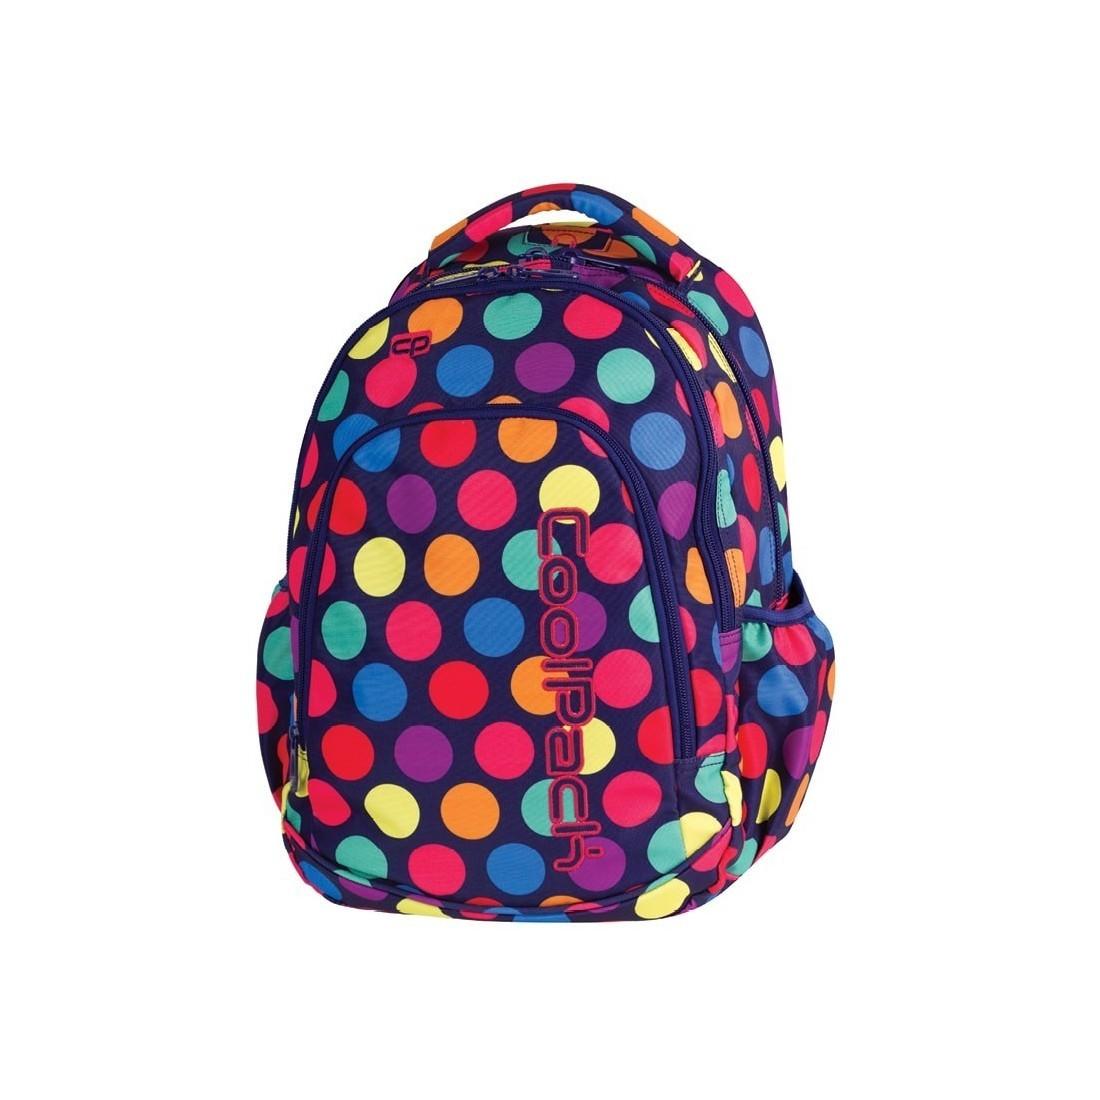 205f153aadb47 Plecak szkolny CoolPack 1059 Lollipops dla dziewczynki - plecak ...